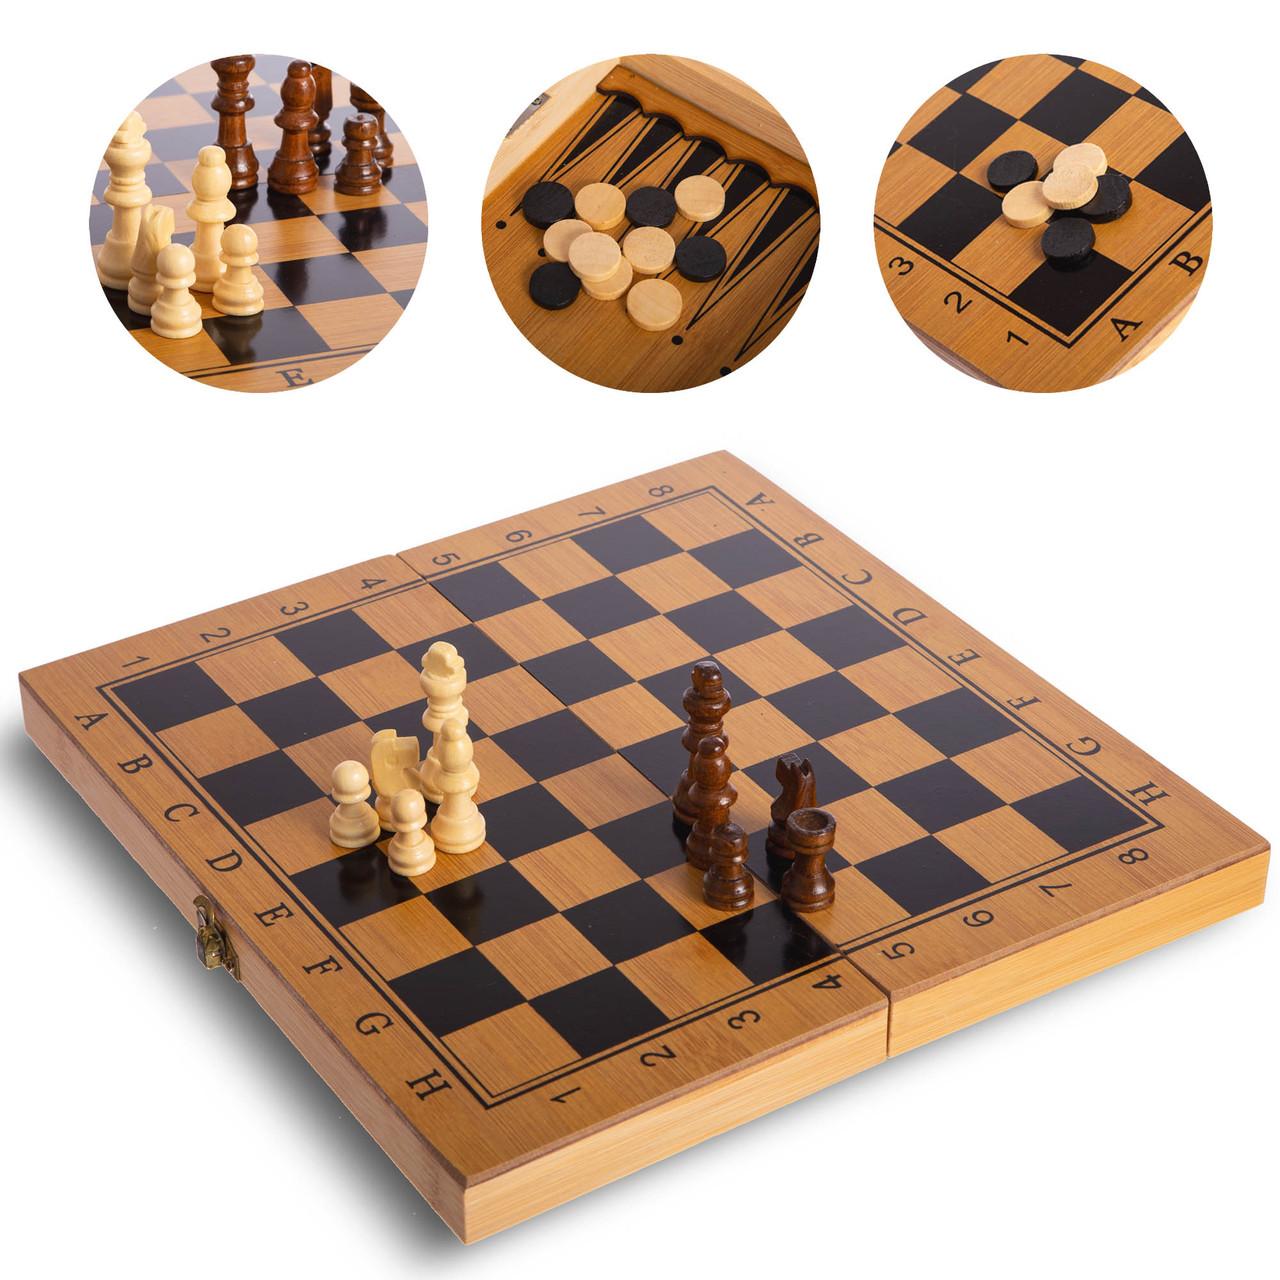 Шахматы, шашки, нарды 3 в 1 бамбуковые (фигуры-дерево, р-р доски 29x29см)